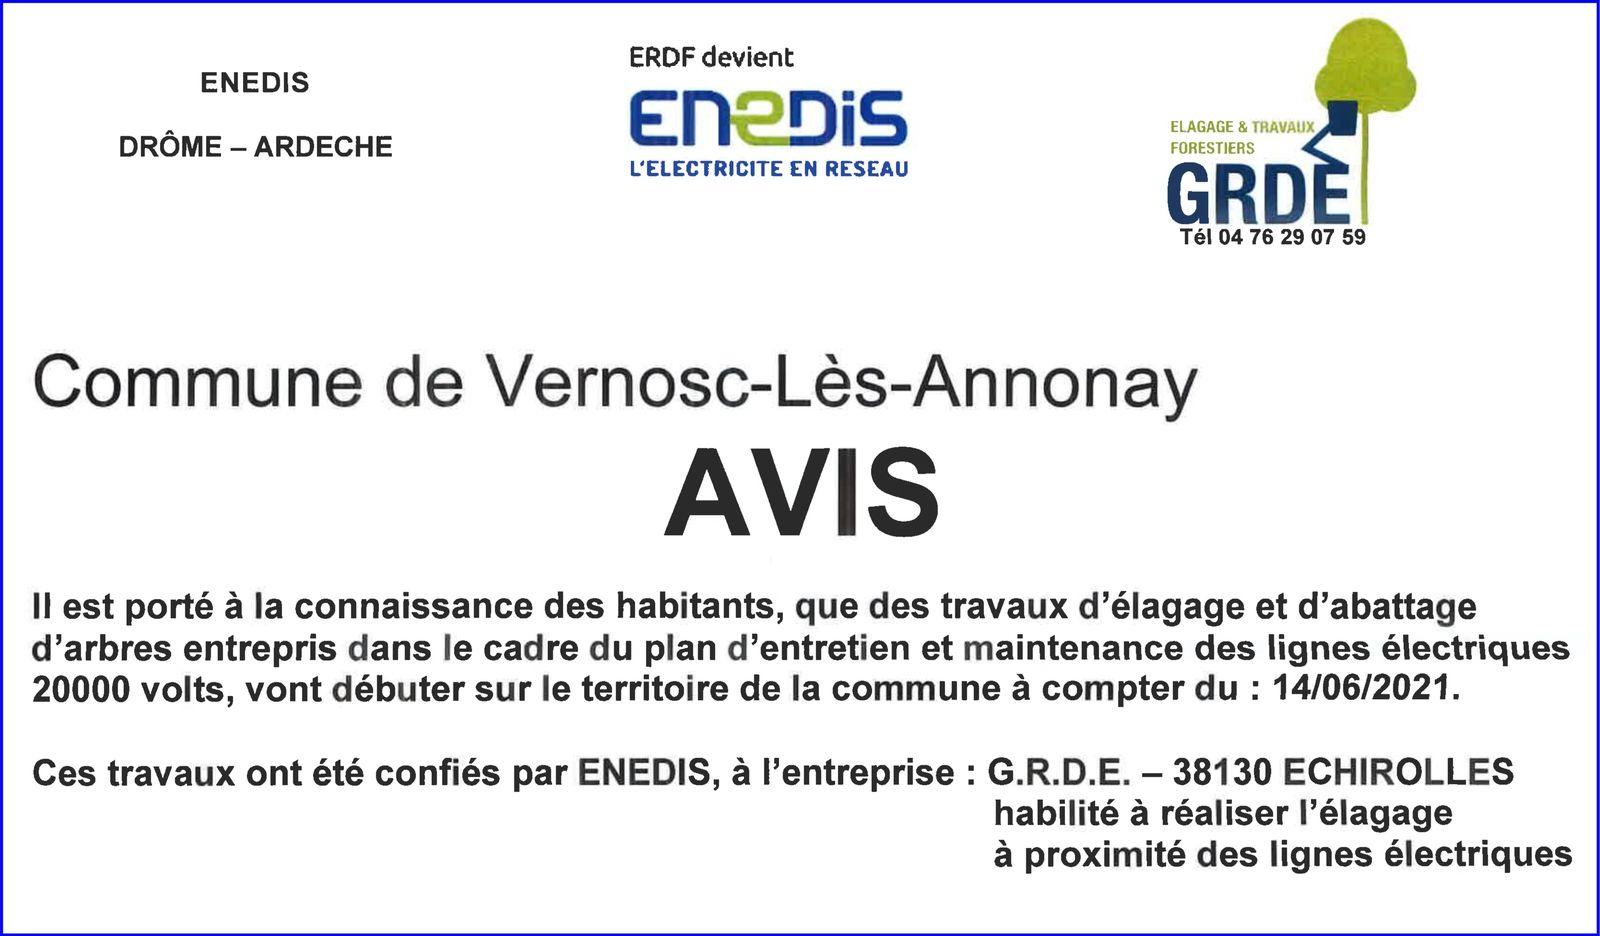 Travaux d'élagage et d'abattage d'arbres à Vernosc-lès-Annonay